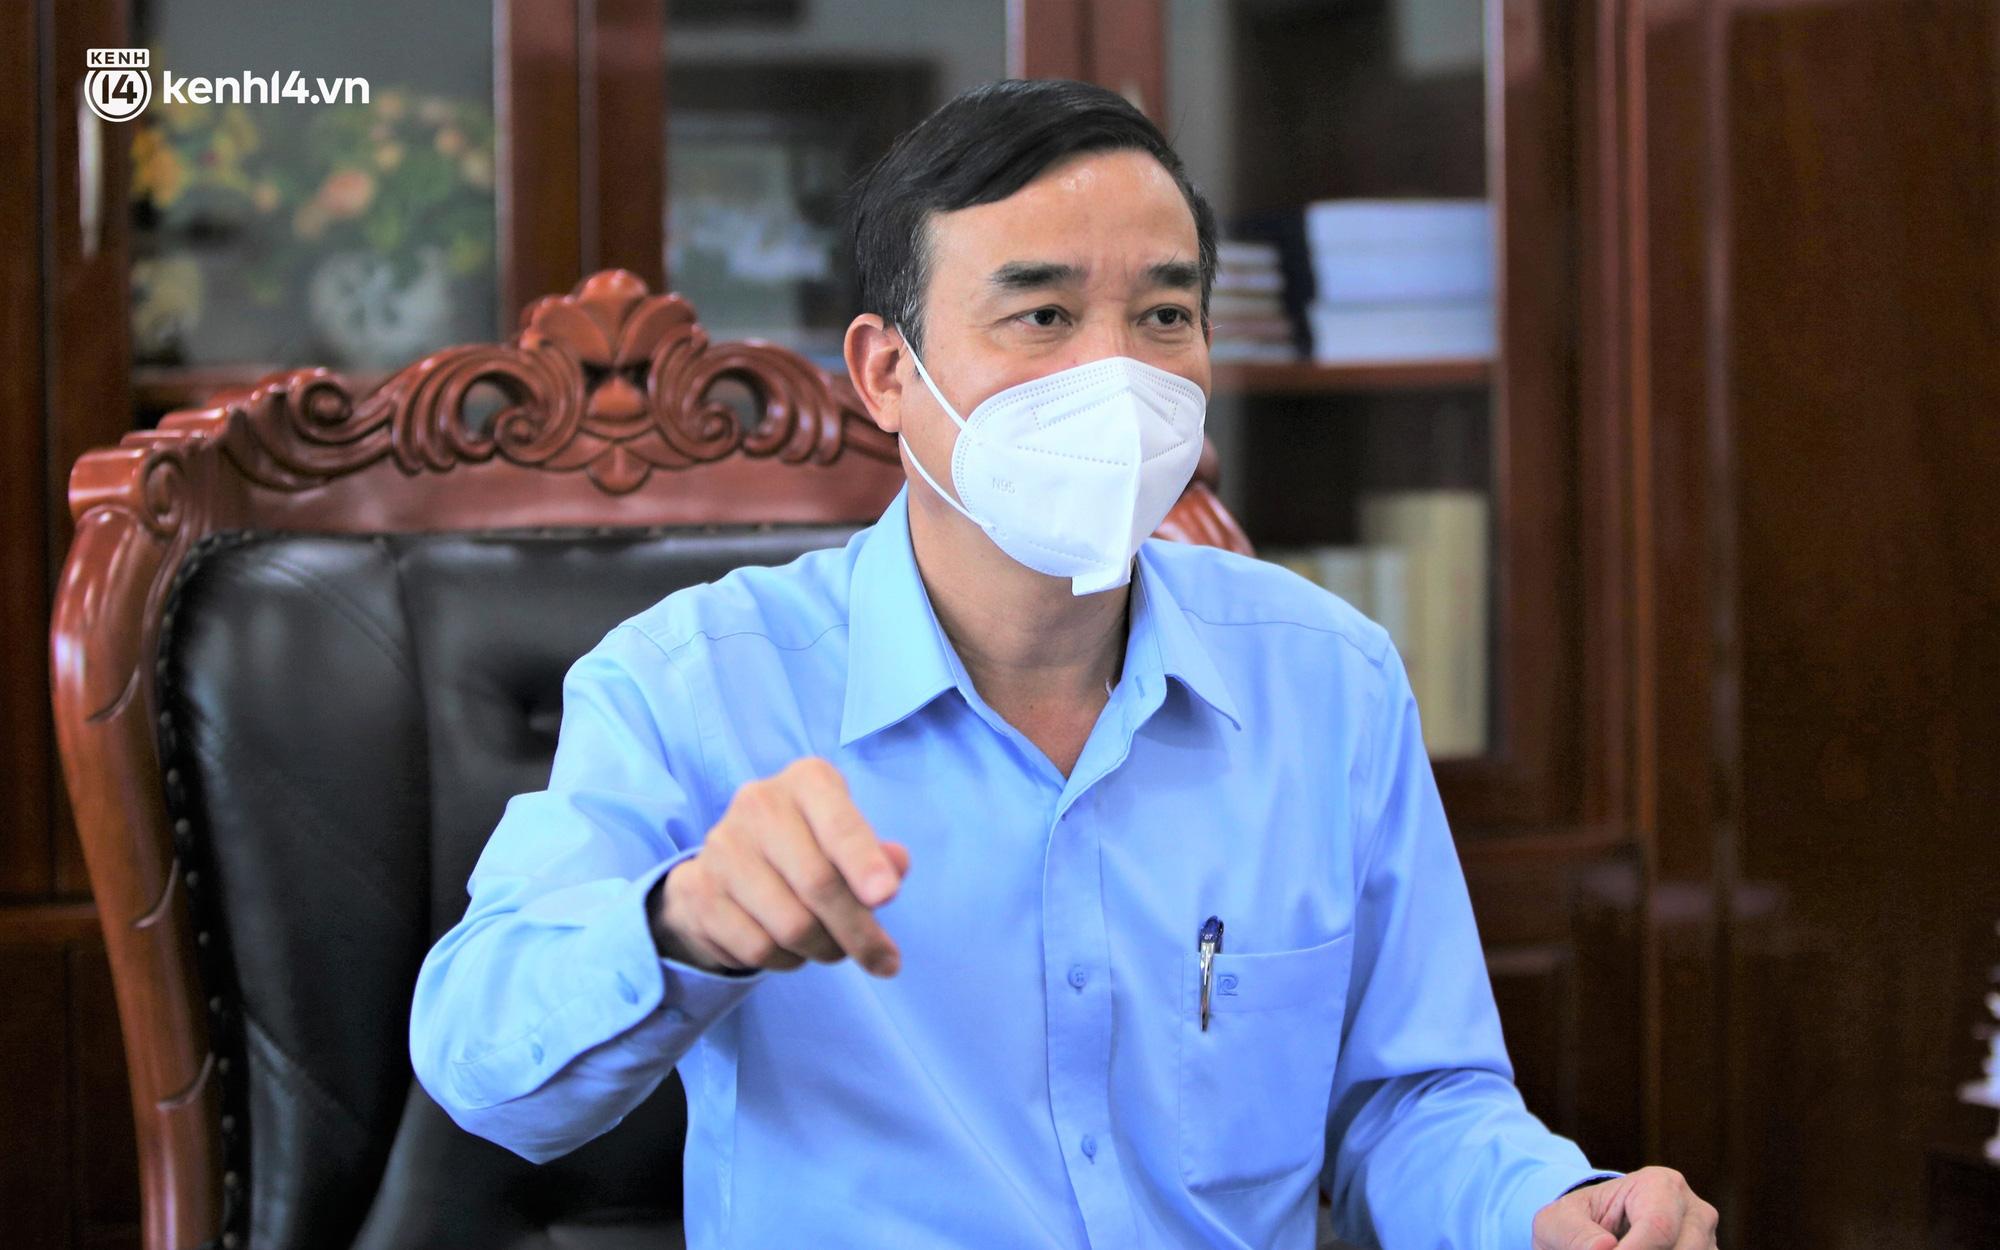 Chủ tịch Đà Nẵng nói gì về tình hình dịch Covid-19 hiện nay tại thành phố?